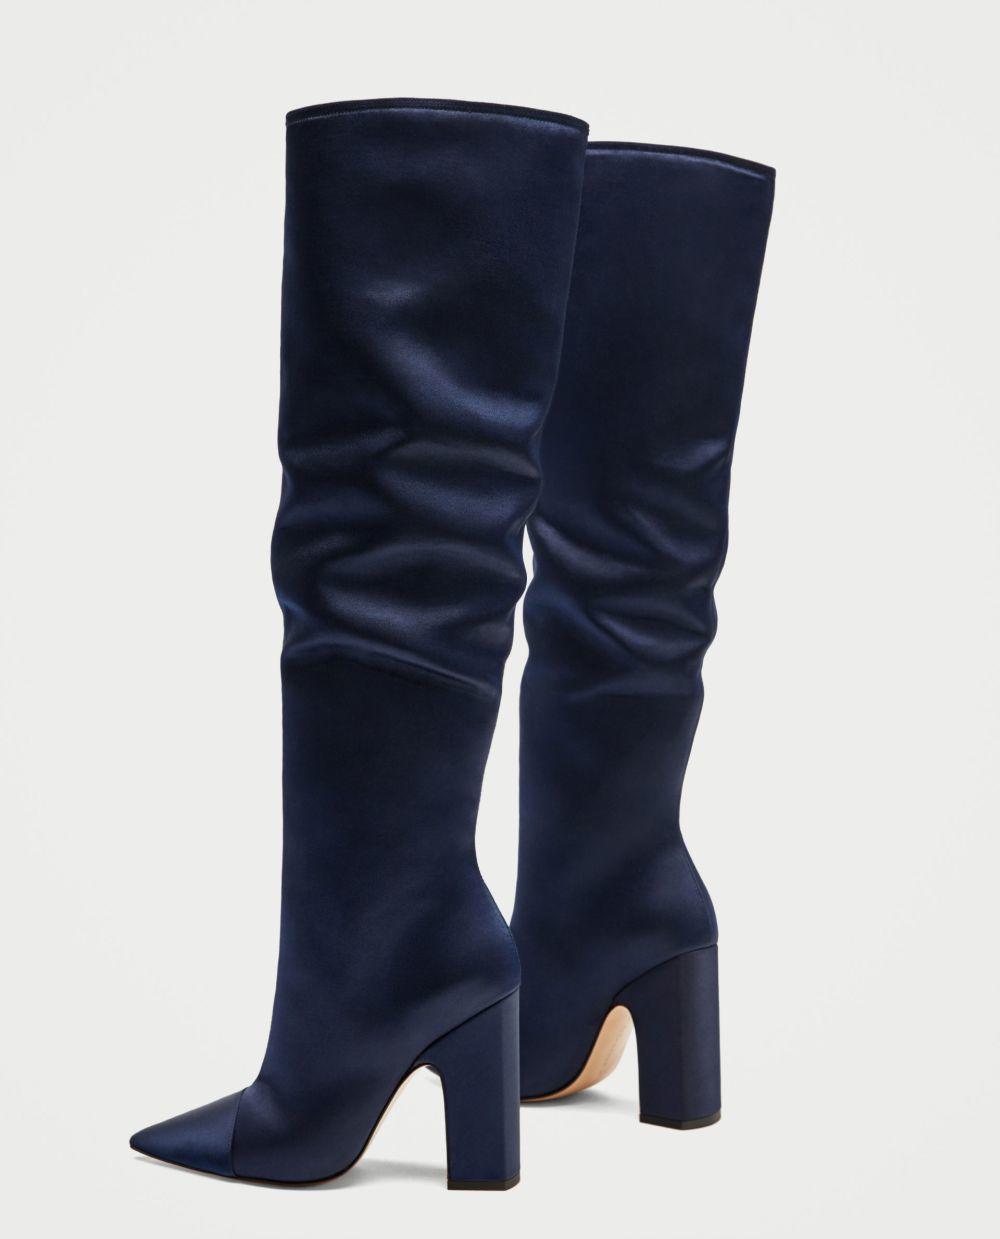 Botas azules de Zara (69,95 euros)